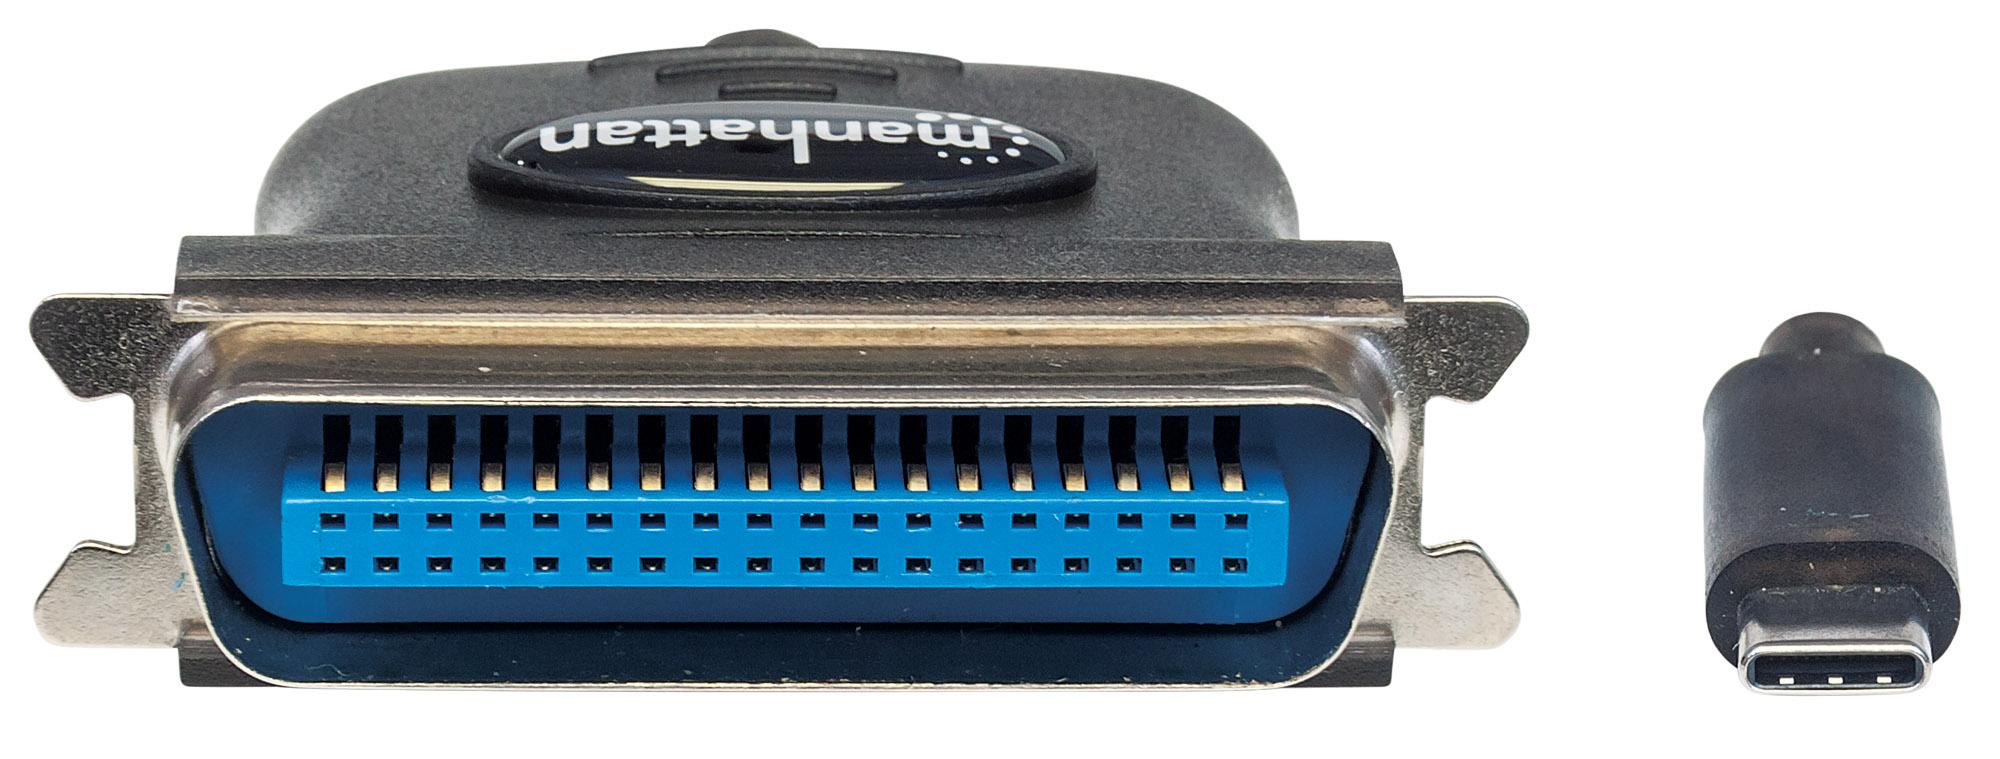 Full-Speed USB-C to Cen36 Parallel Printer Converter